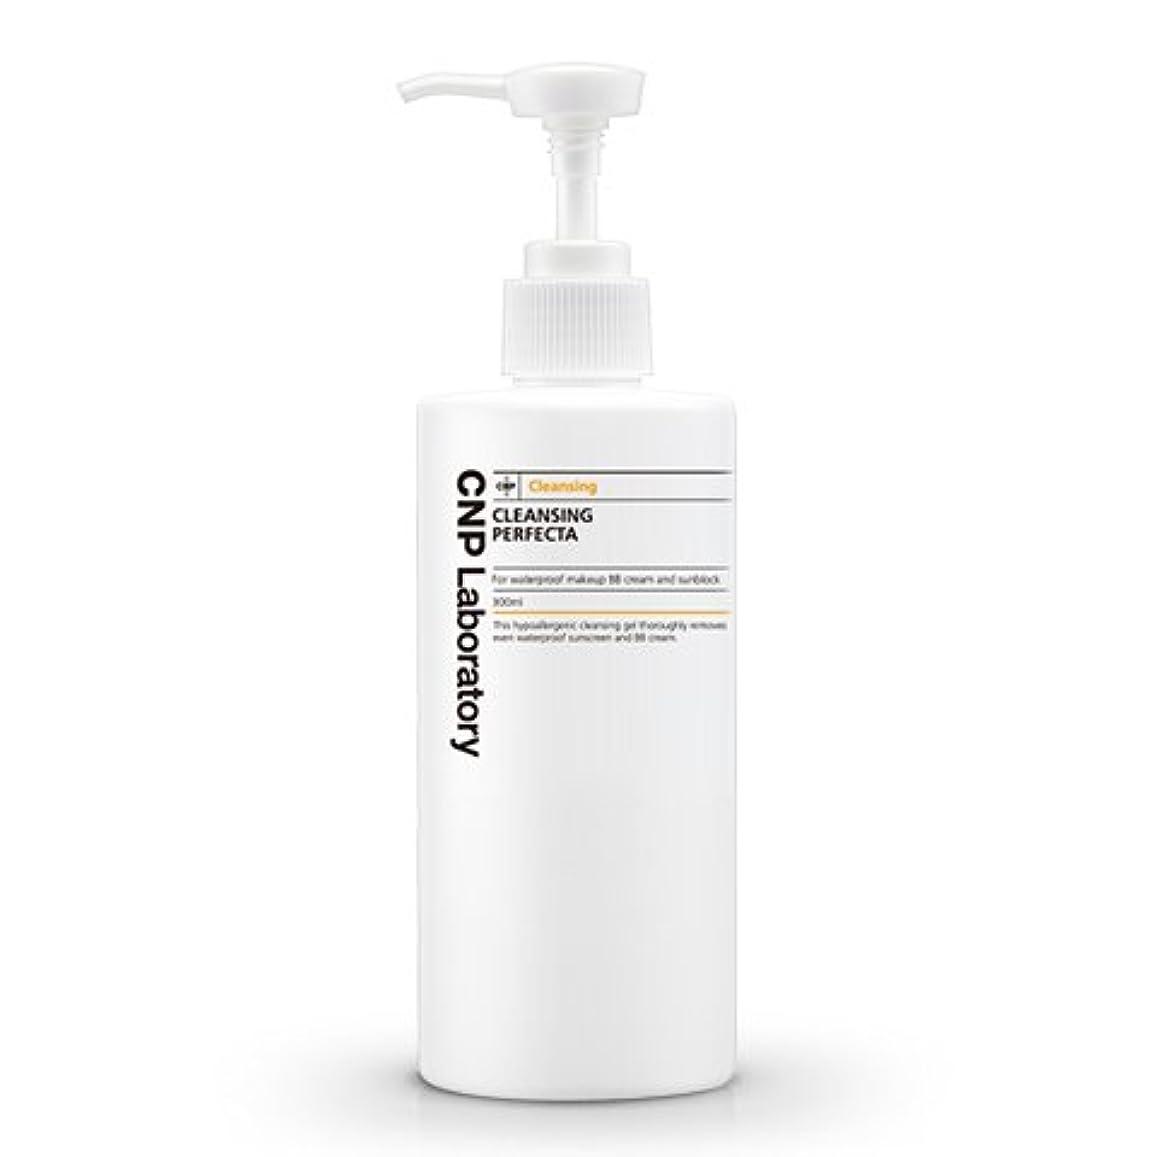 履歴書書店屋内CNP Laboratory クレンジングパーフェクタ/Cleansing Perfecta 300ml [並行輸入品]